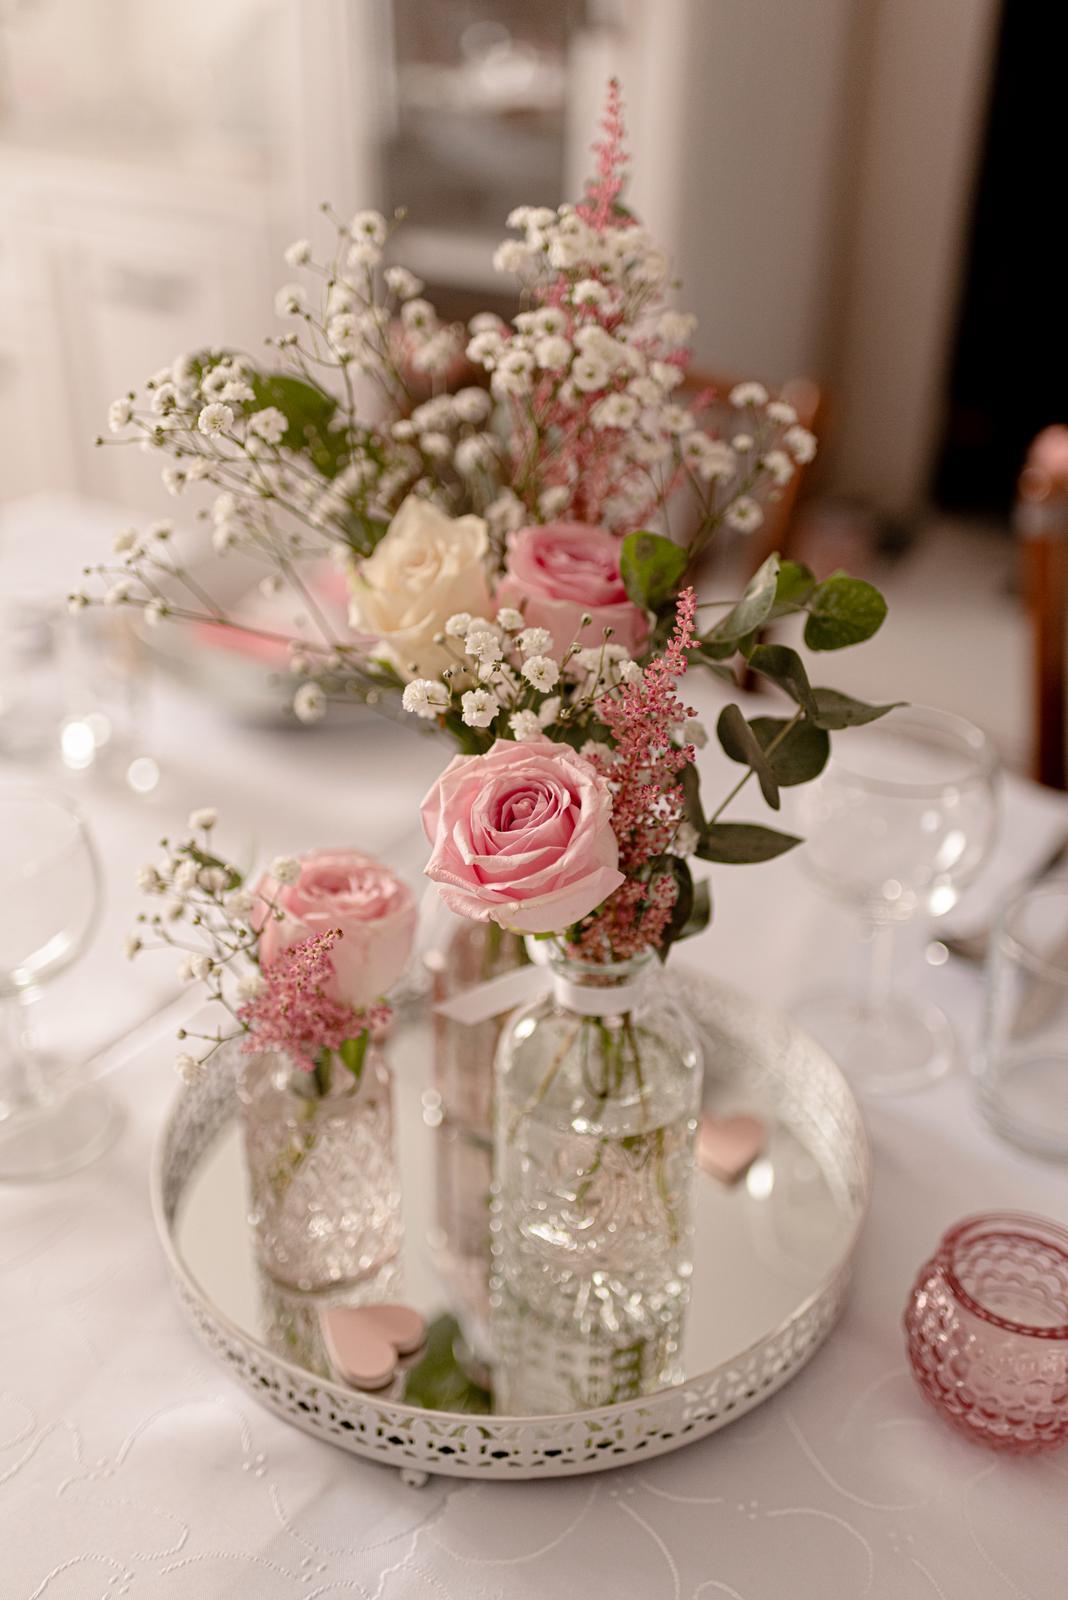 Komplet krasna svadobna vyzdoba a drobnosti - Obrázok č. 1